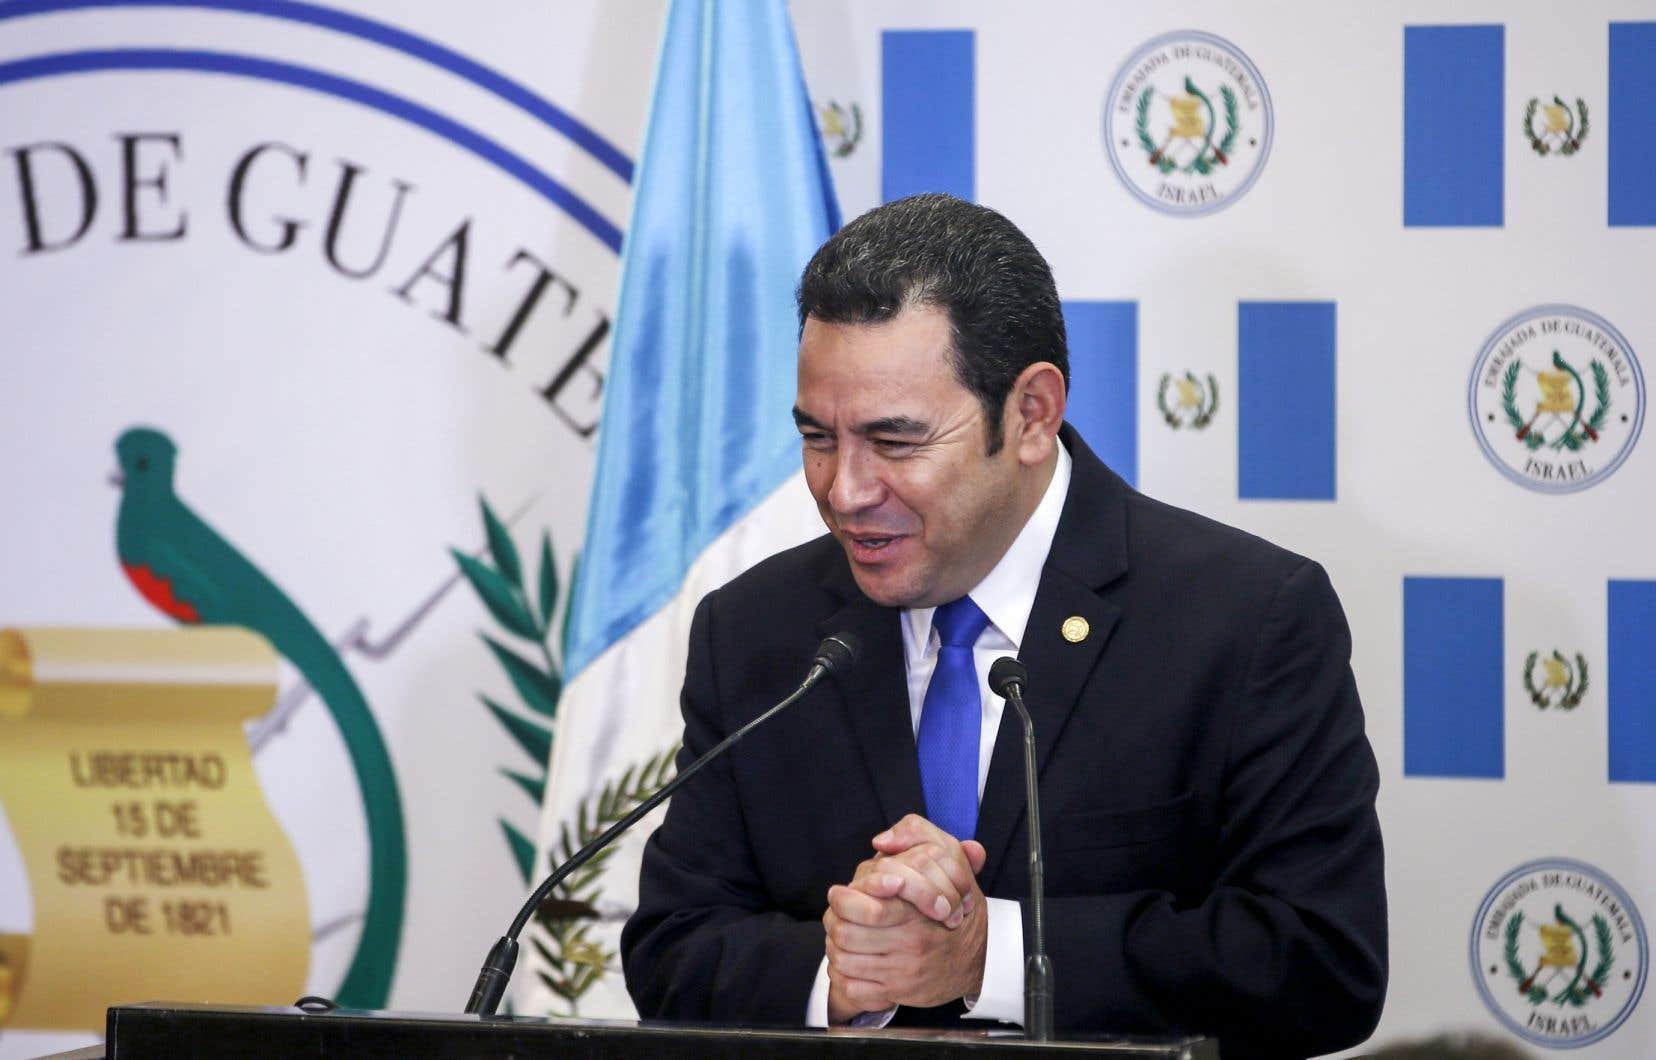 Le président du Guatemala Jimmy Morales a ouvert la nouvelle ambassade dans une tour moderne et excentrée du sud de Jérusalem.